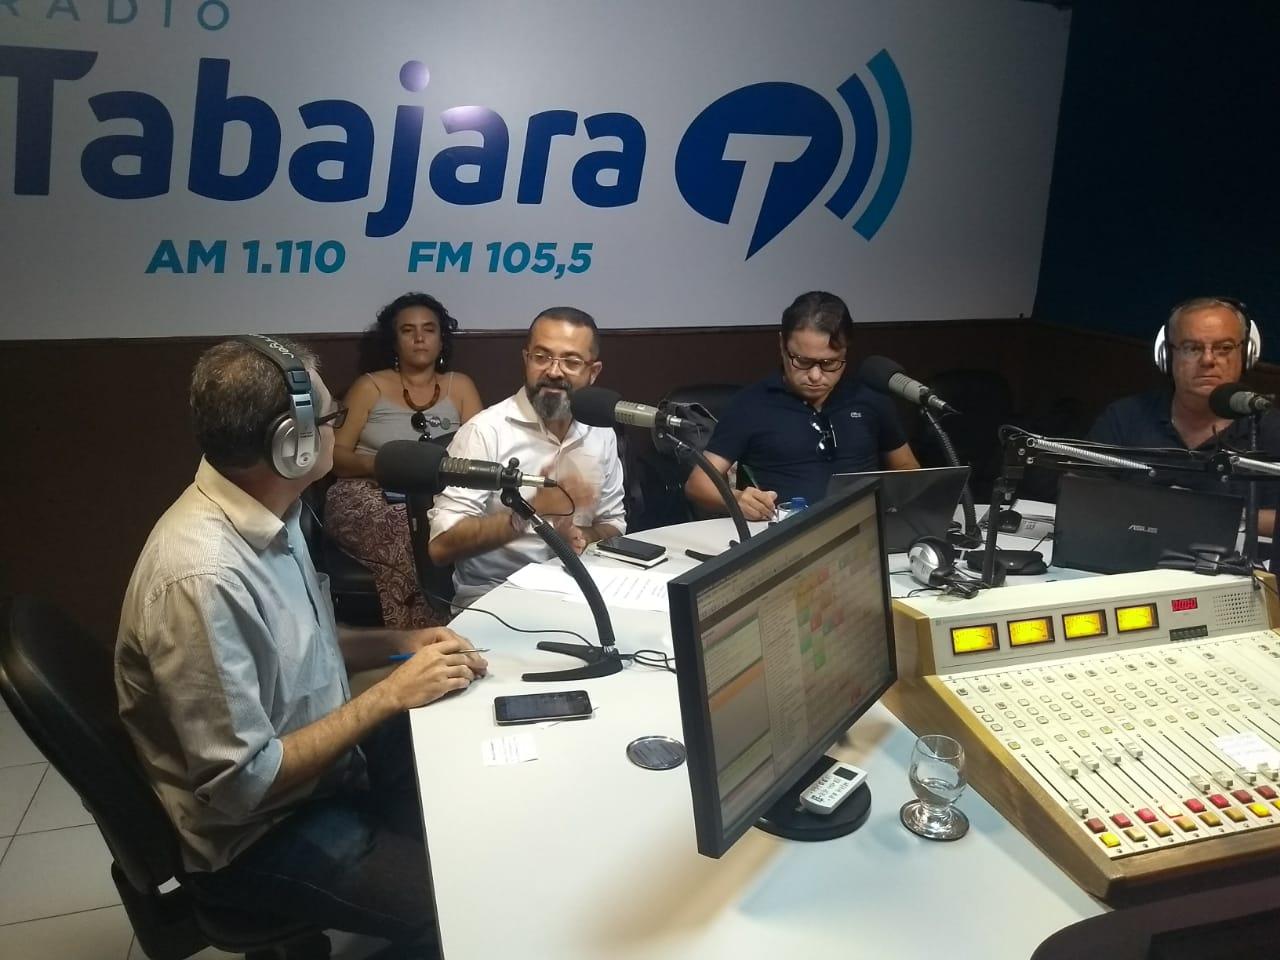 IMG 20180810 WA0056 - 'A CHAPA DO PSOL NAO TEM GOLPISTA': Tárcio Teixeira diz que aliados de Temer estão camuflados em chapas na Paraíba